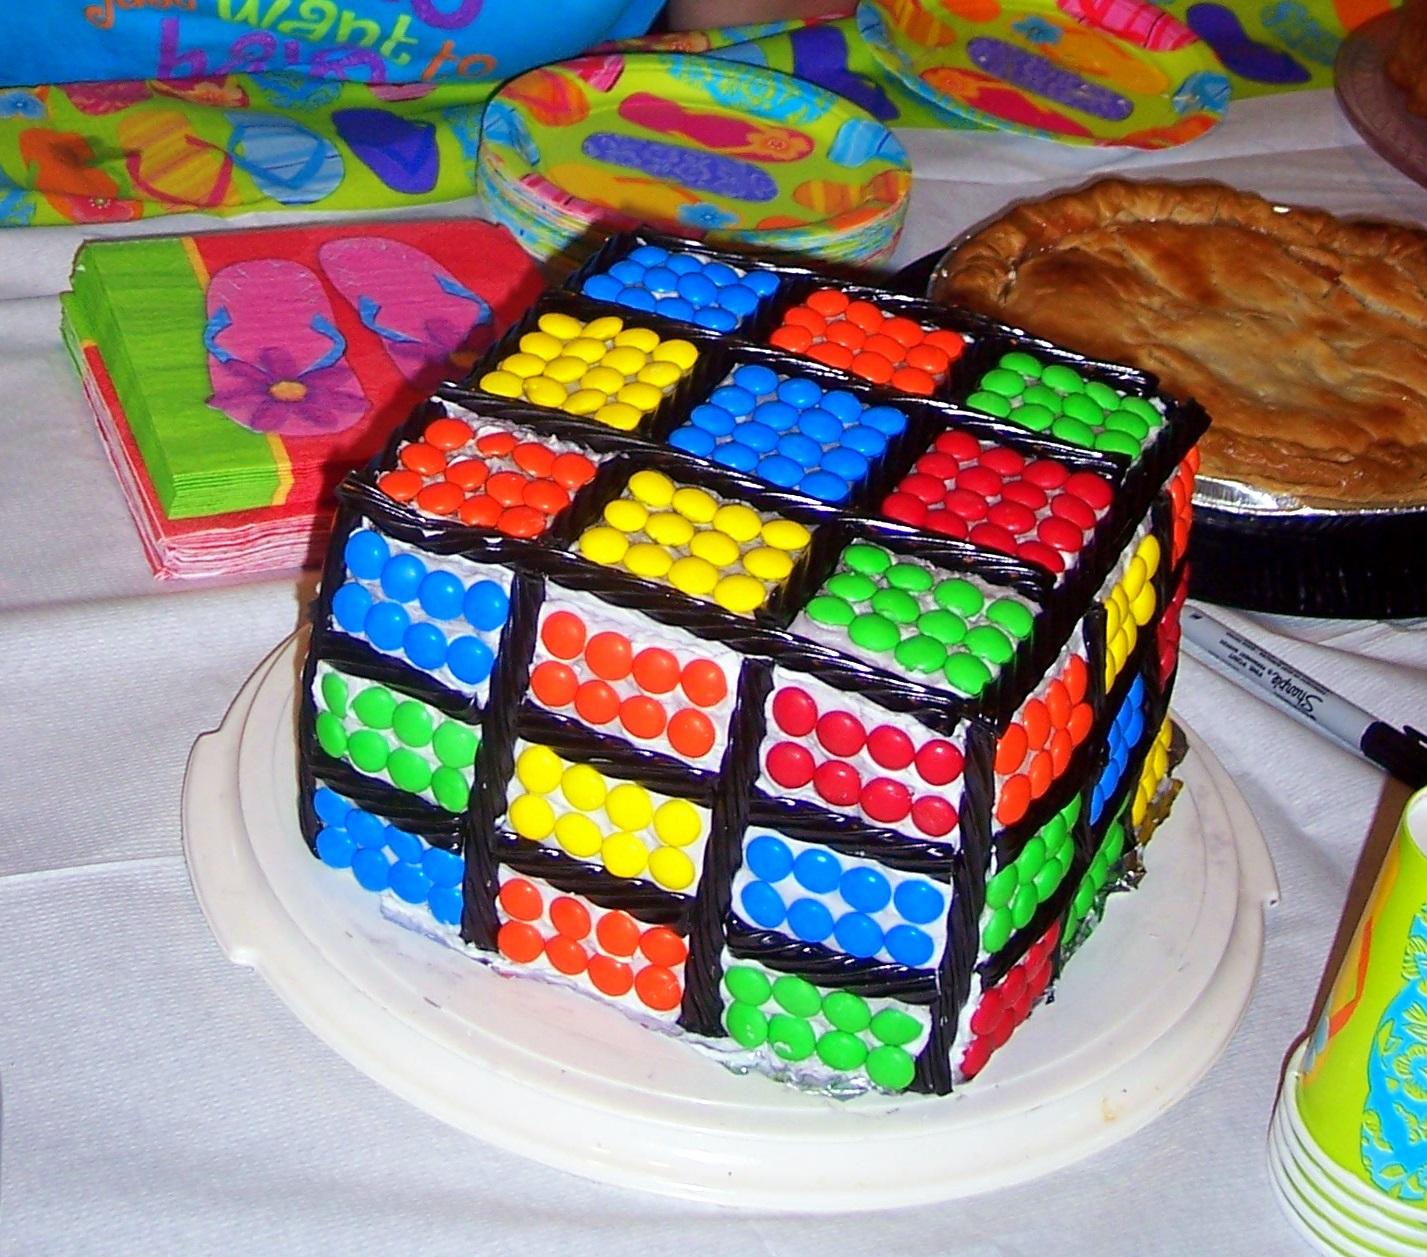 Nikkis Cakes